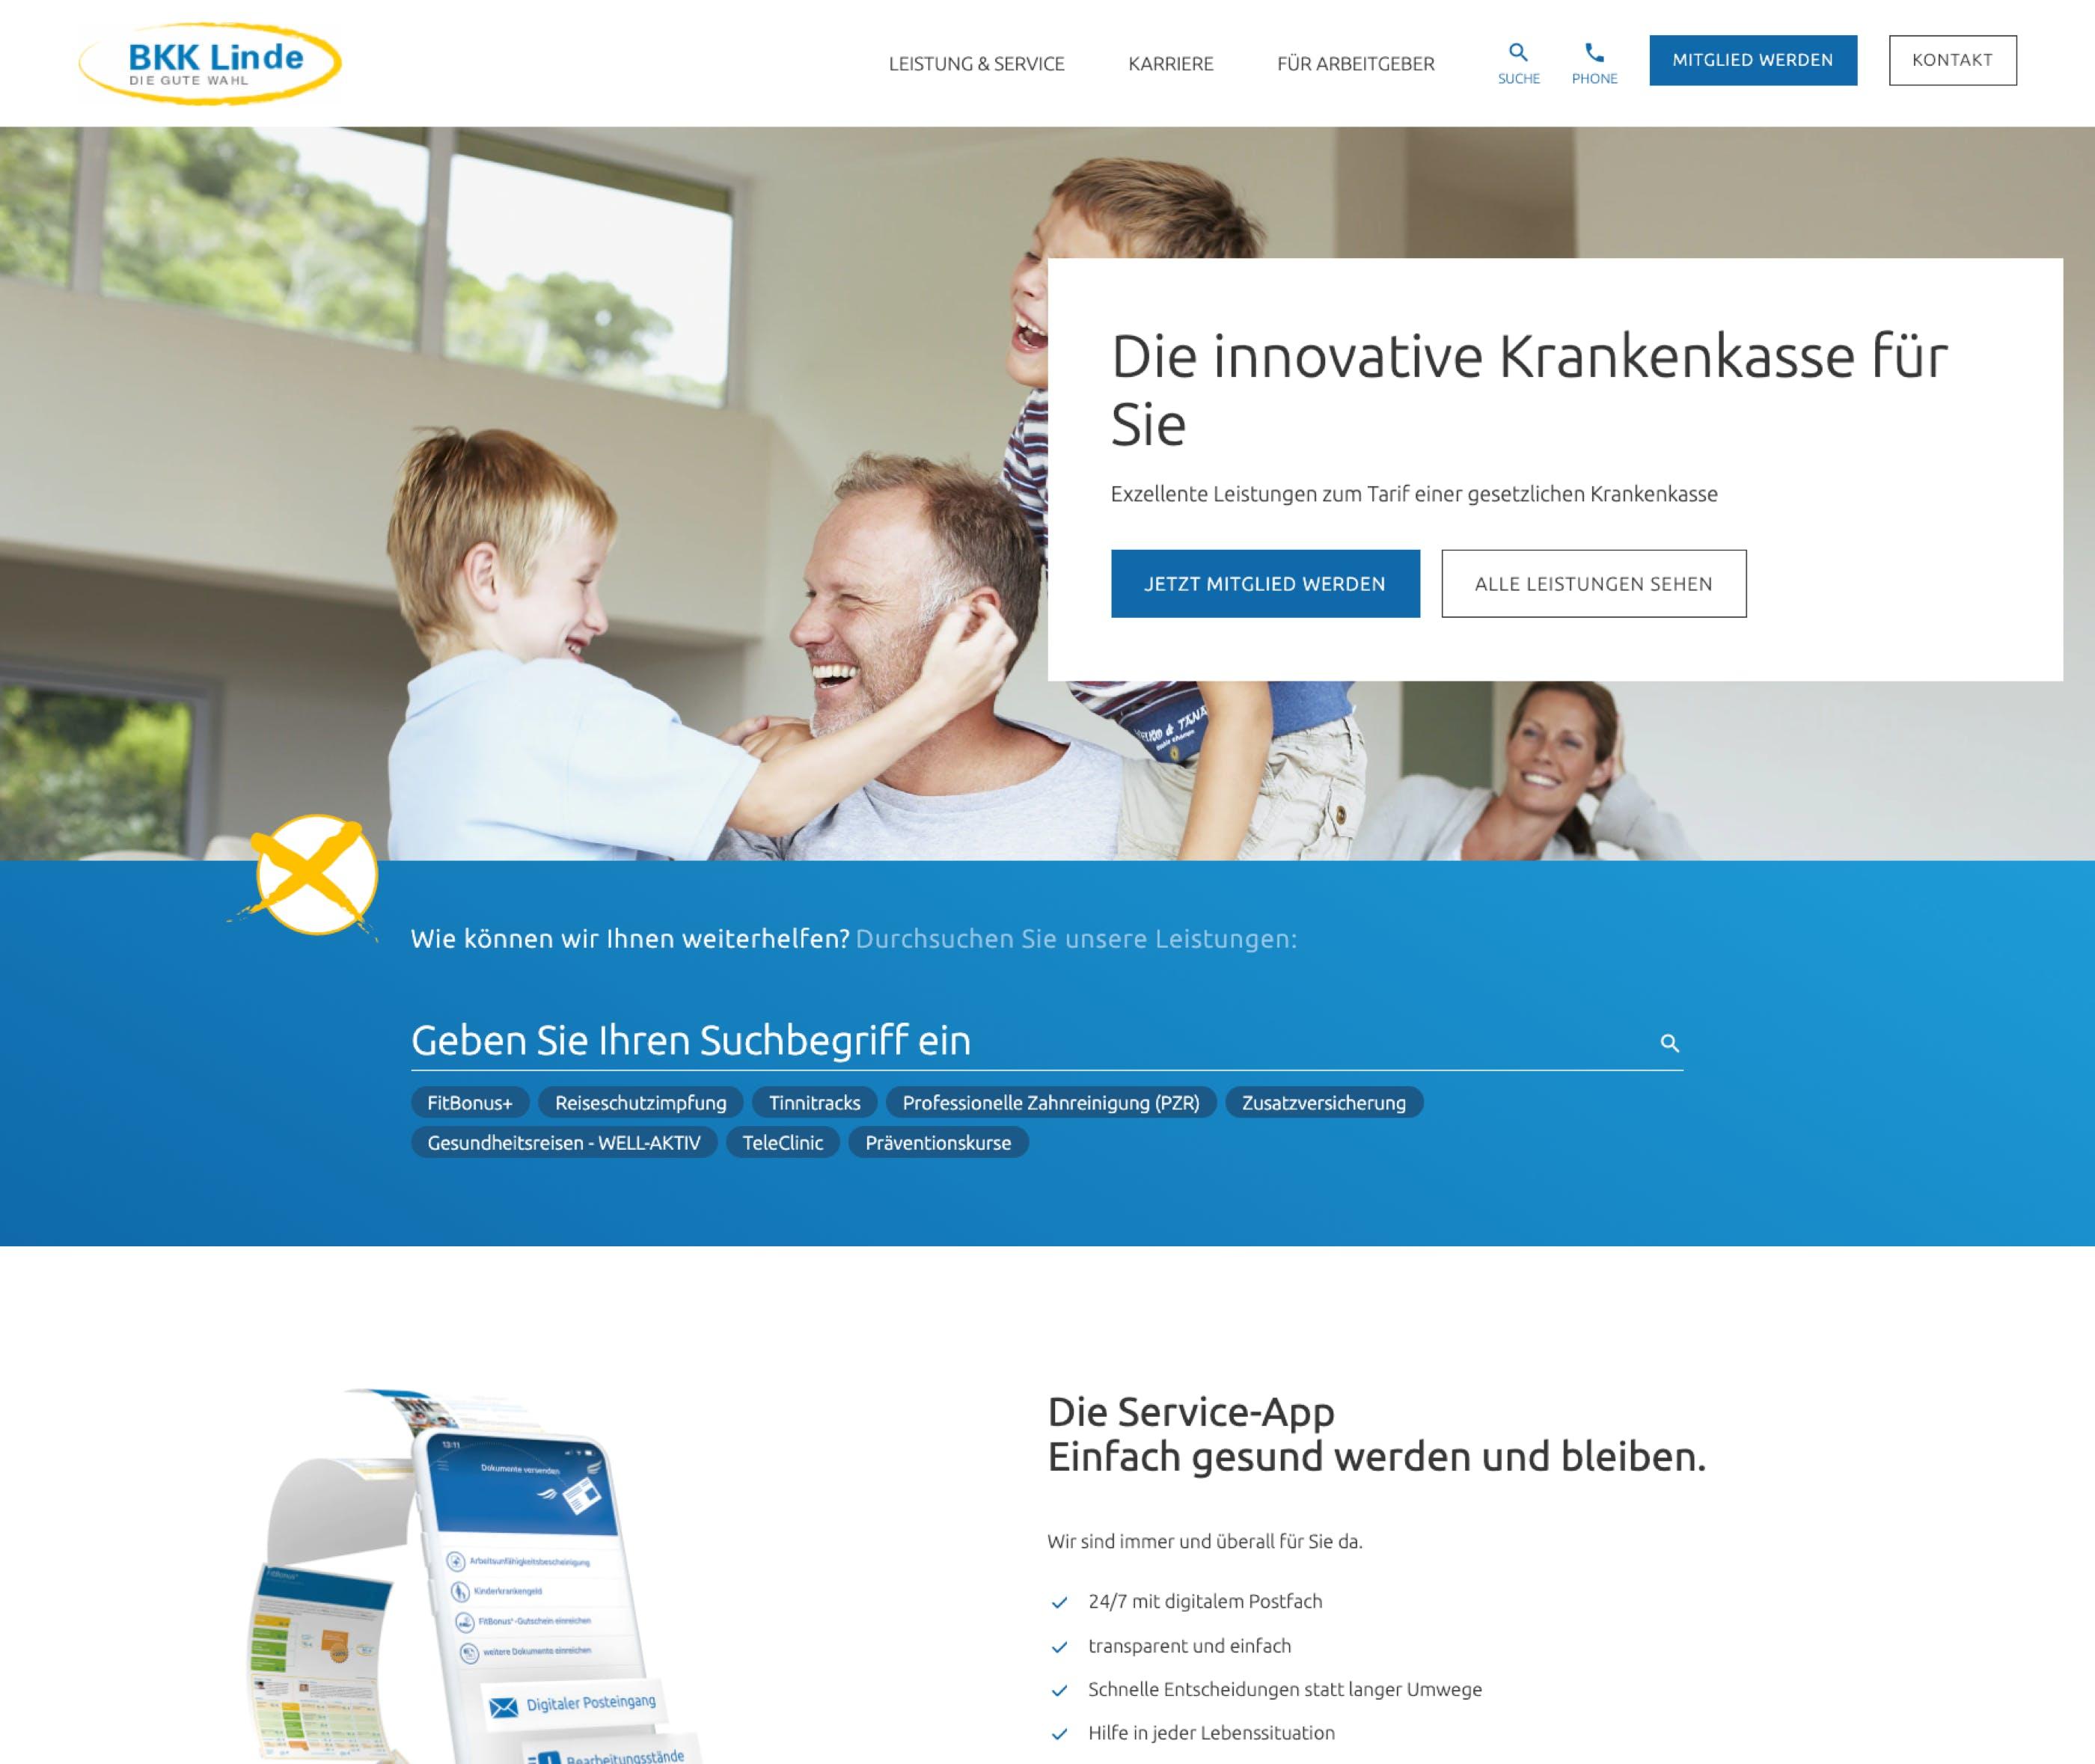 Neue Startseite der BKK Linde